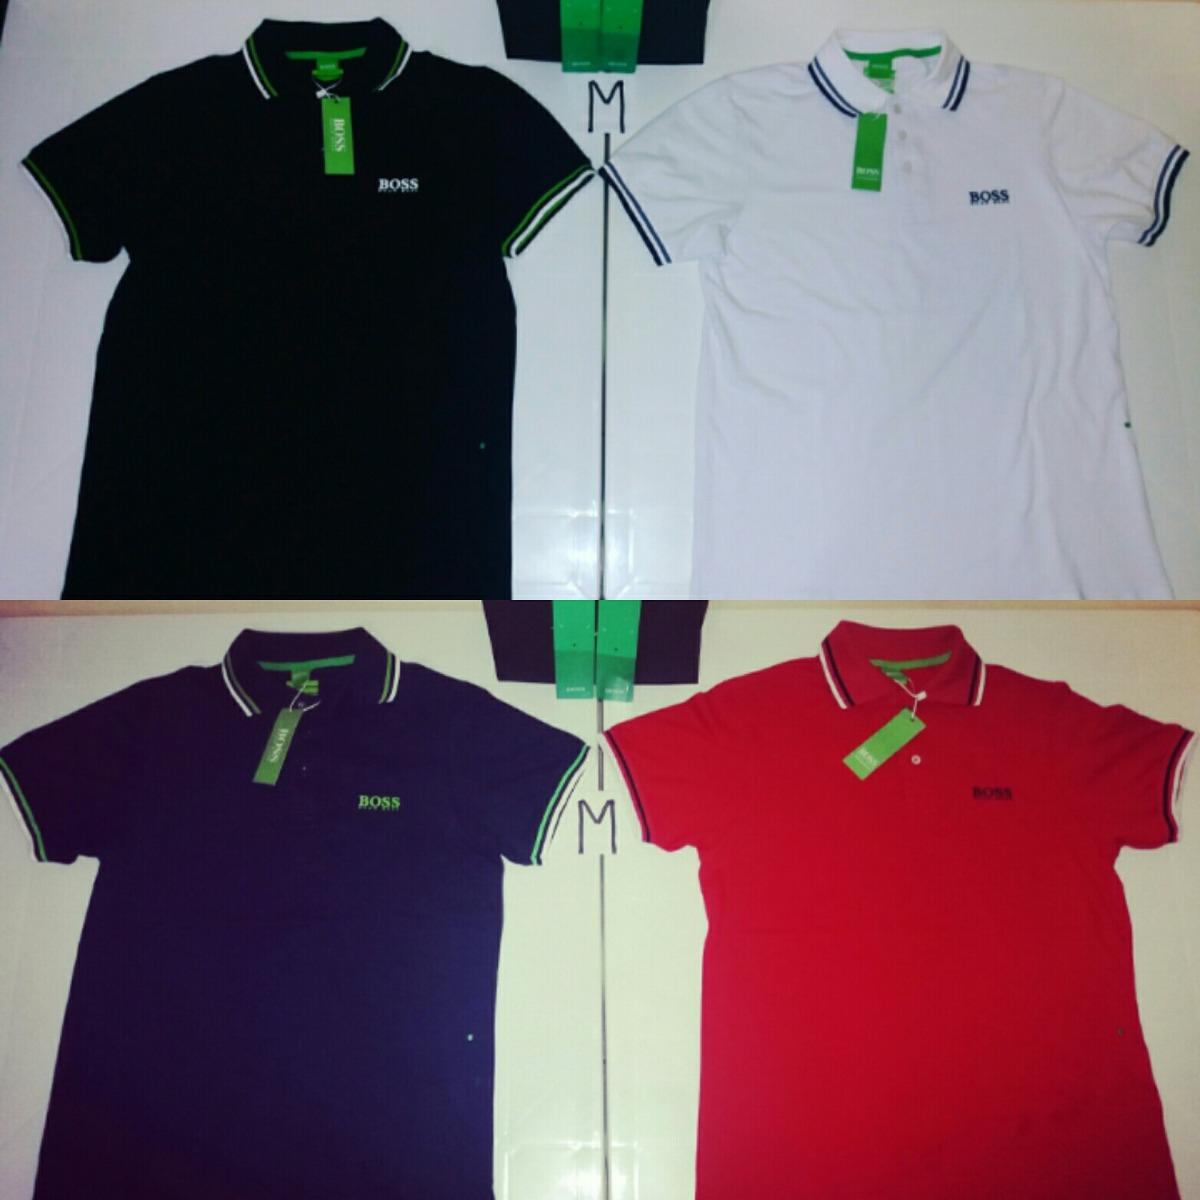 e43e93d988092 camisetas tipo polo hugo boss originales y nuevas. Cargando zoom.